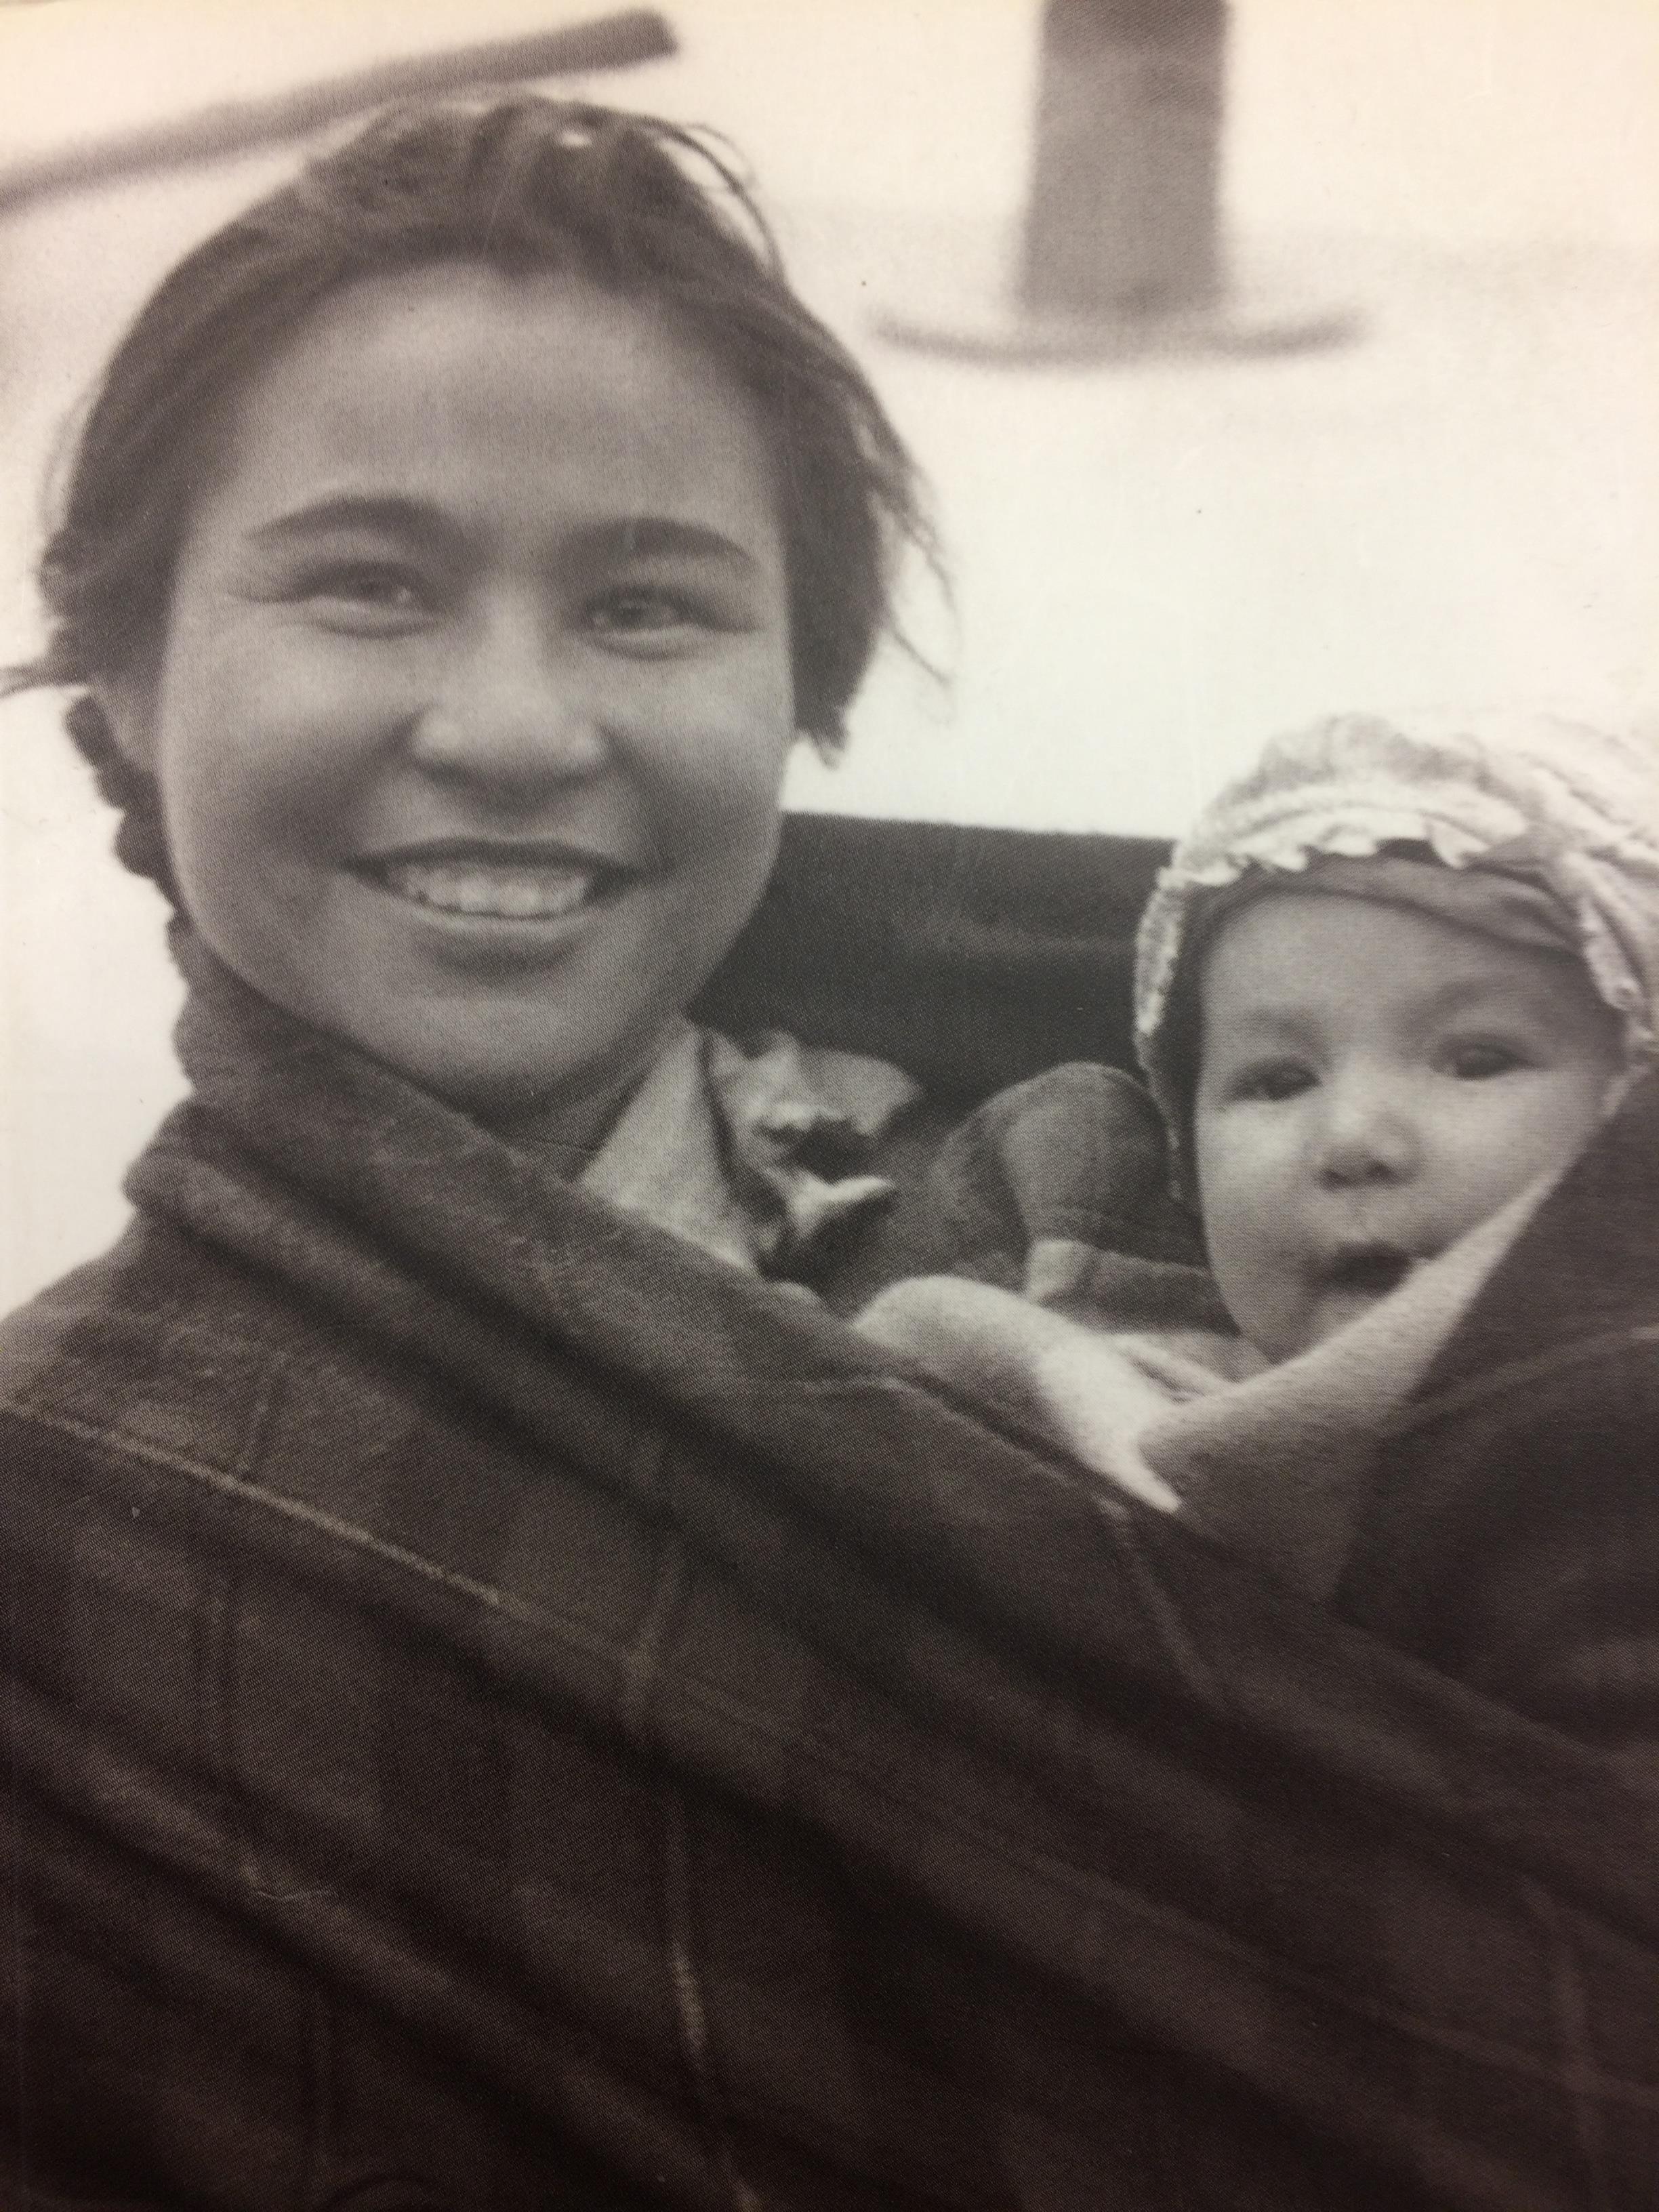 On n'a pas d'image de Cécile Kaorate, mais on peut l'imaginer sous les traits de cette jeune mère naskapie des années 1940